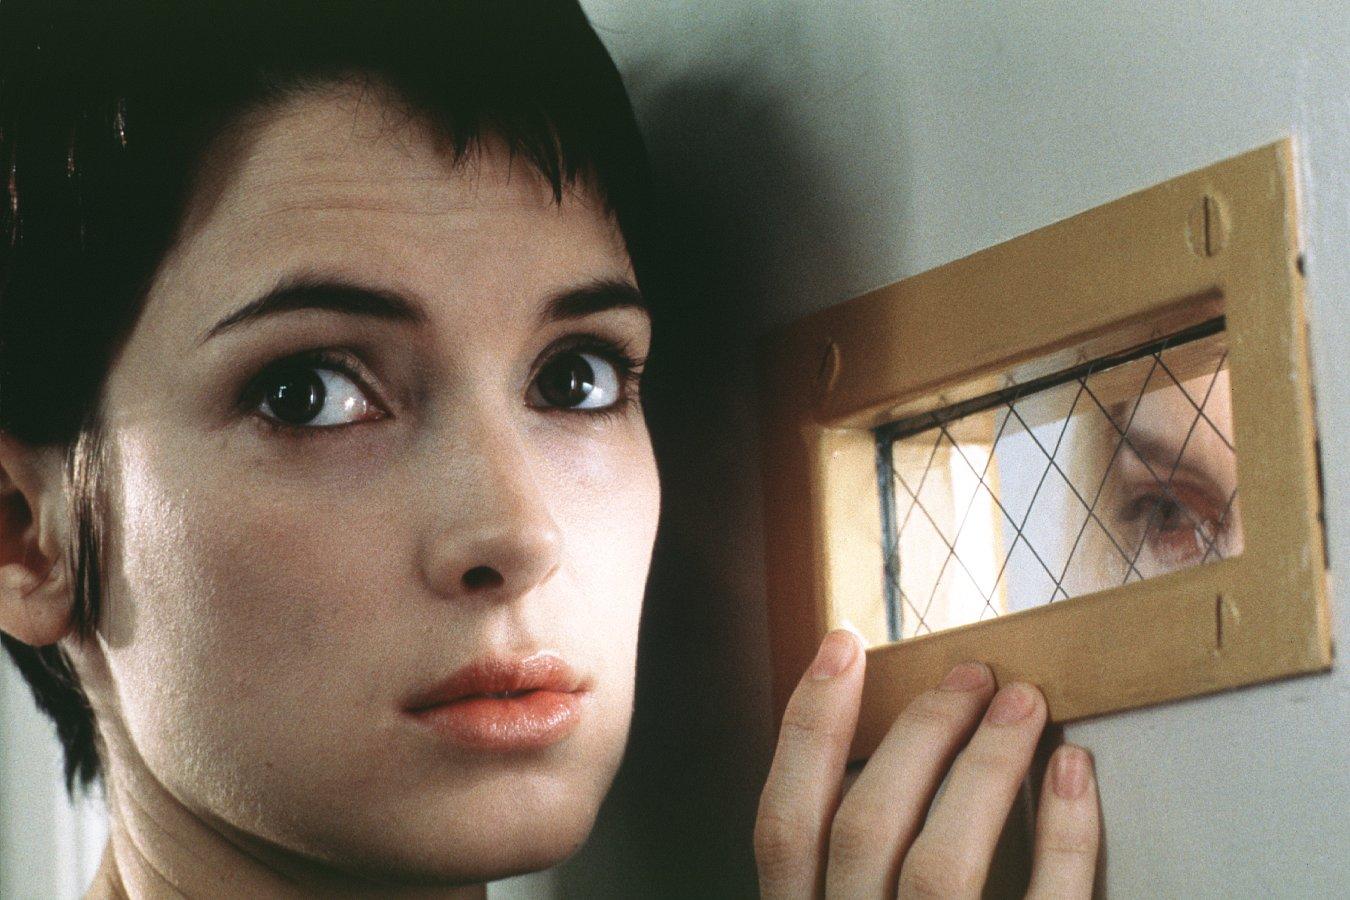 Les troubles de la personnalité dans le film Girl, interrupted (1999)